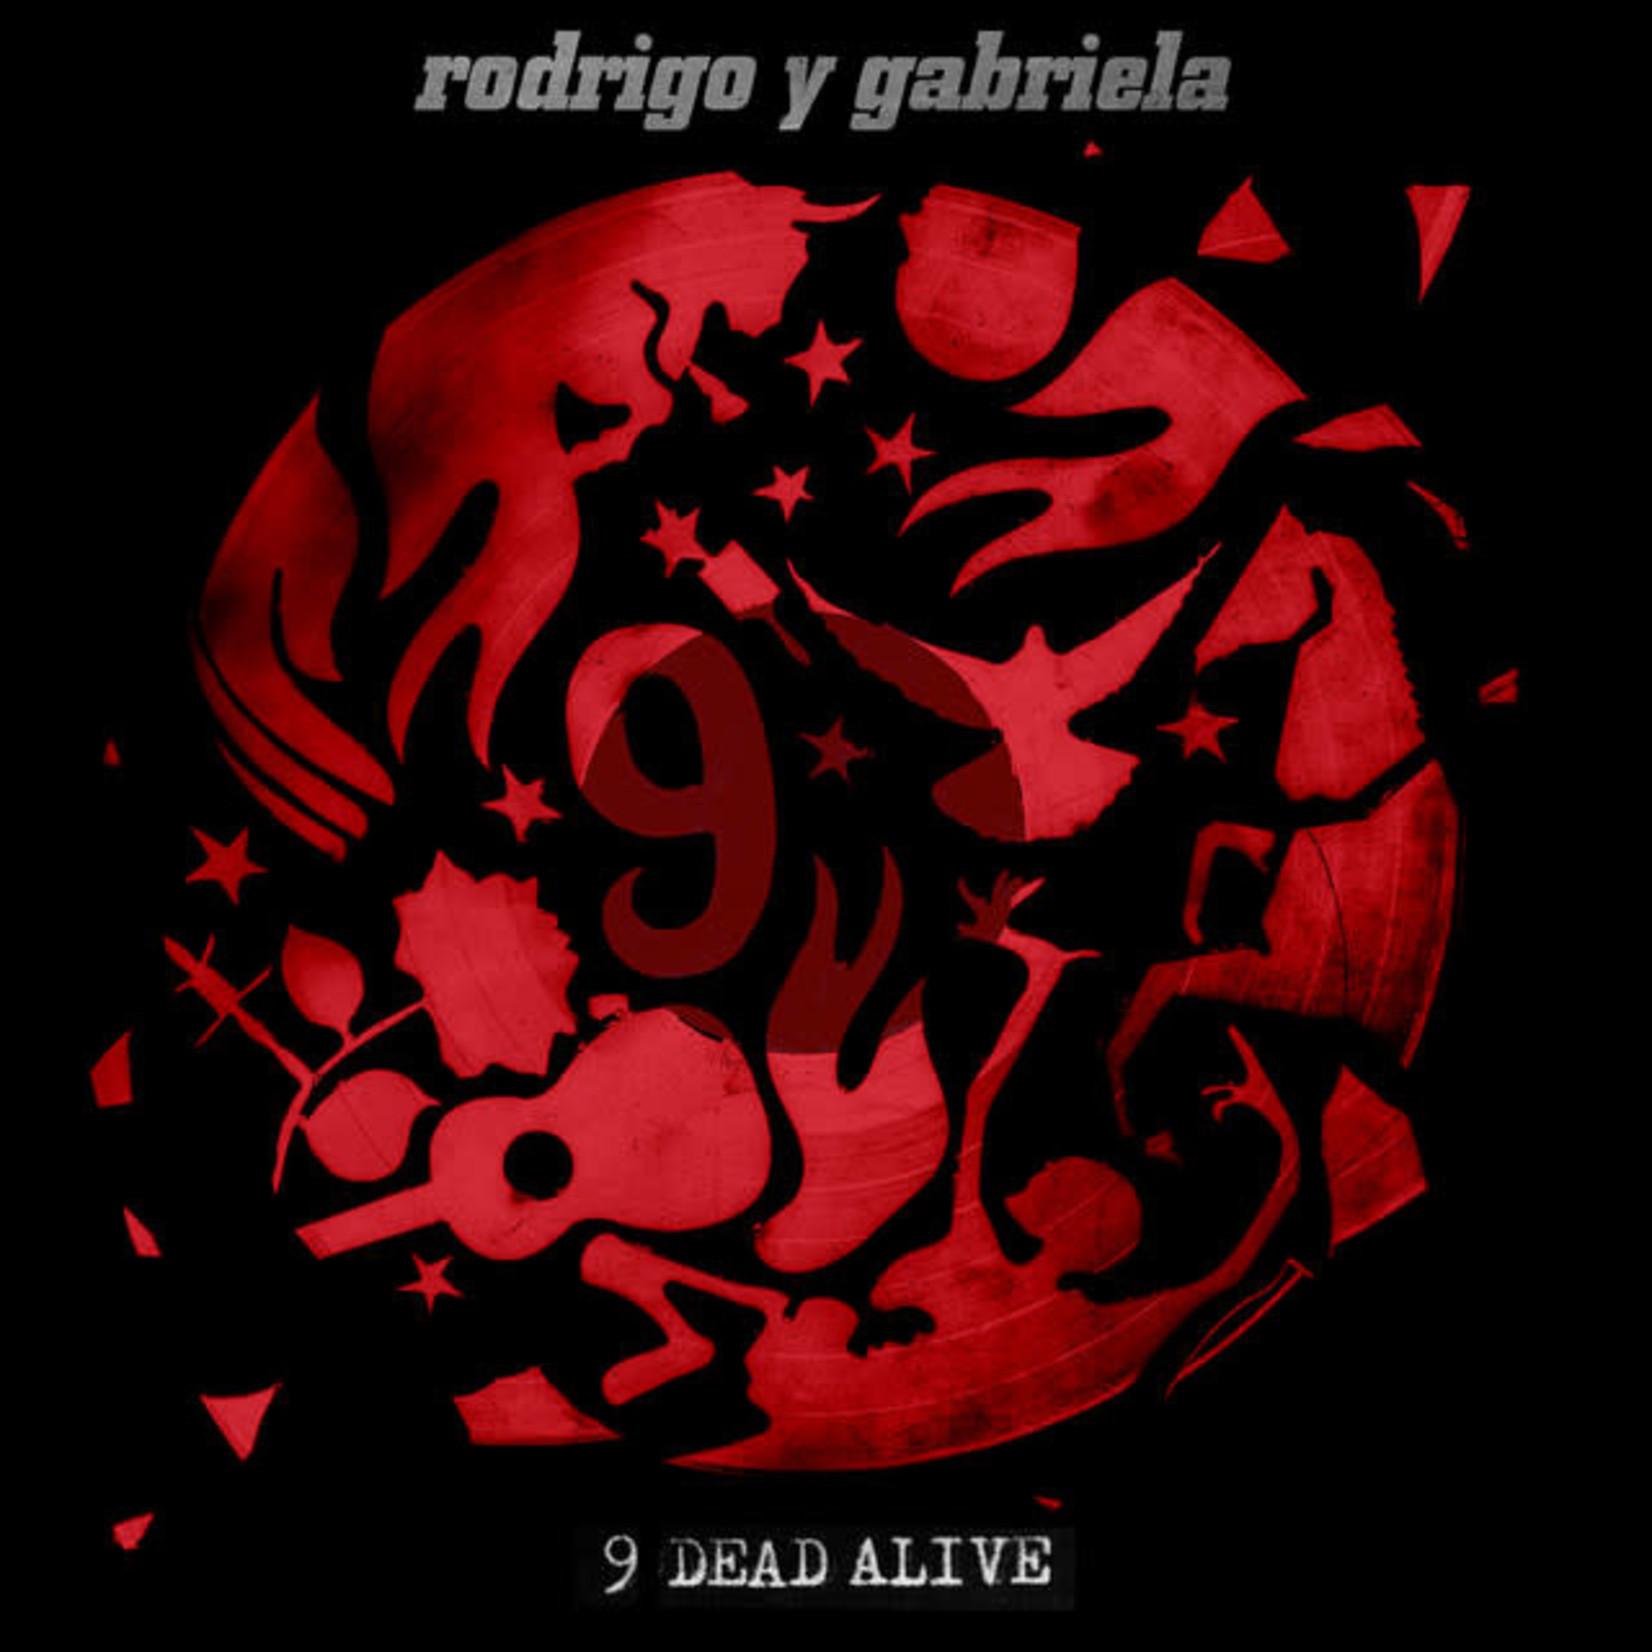 Vinyl Rodrigo Y Gabriela - 9 Dead Alive